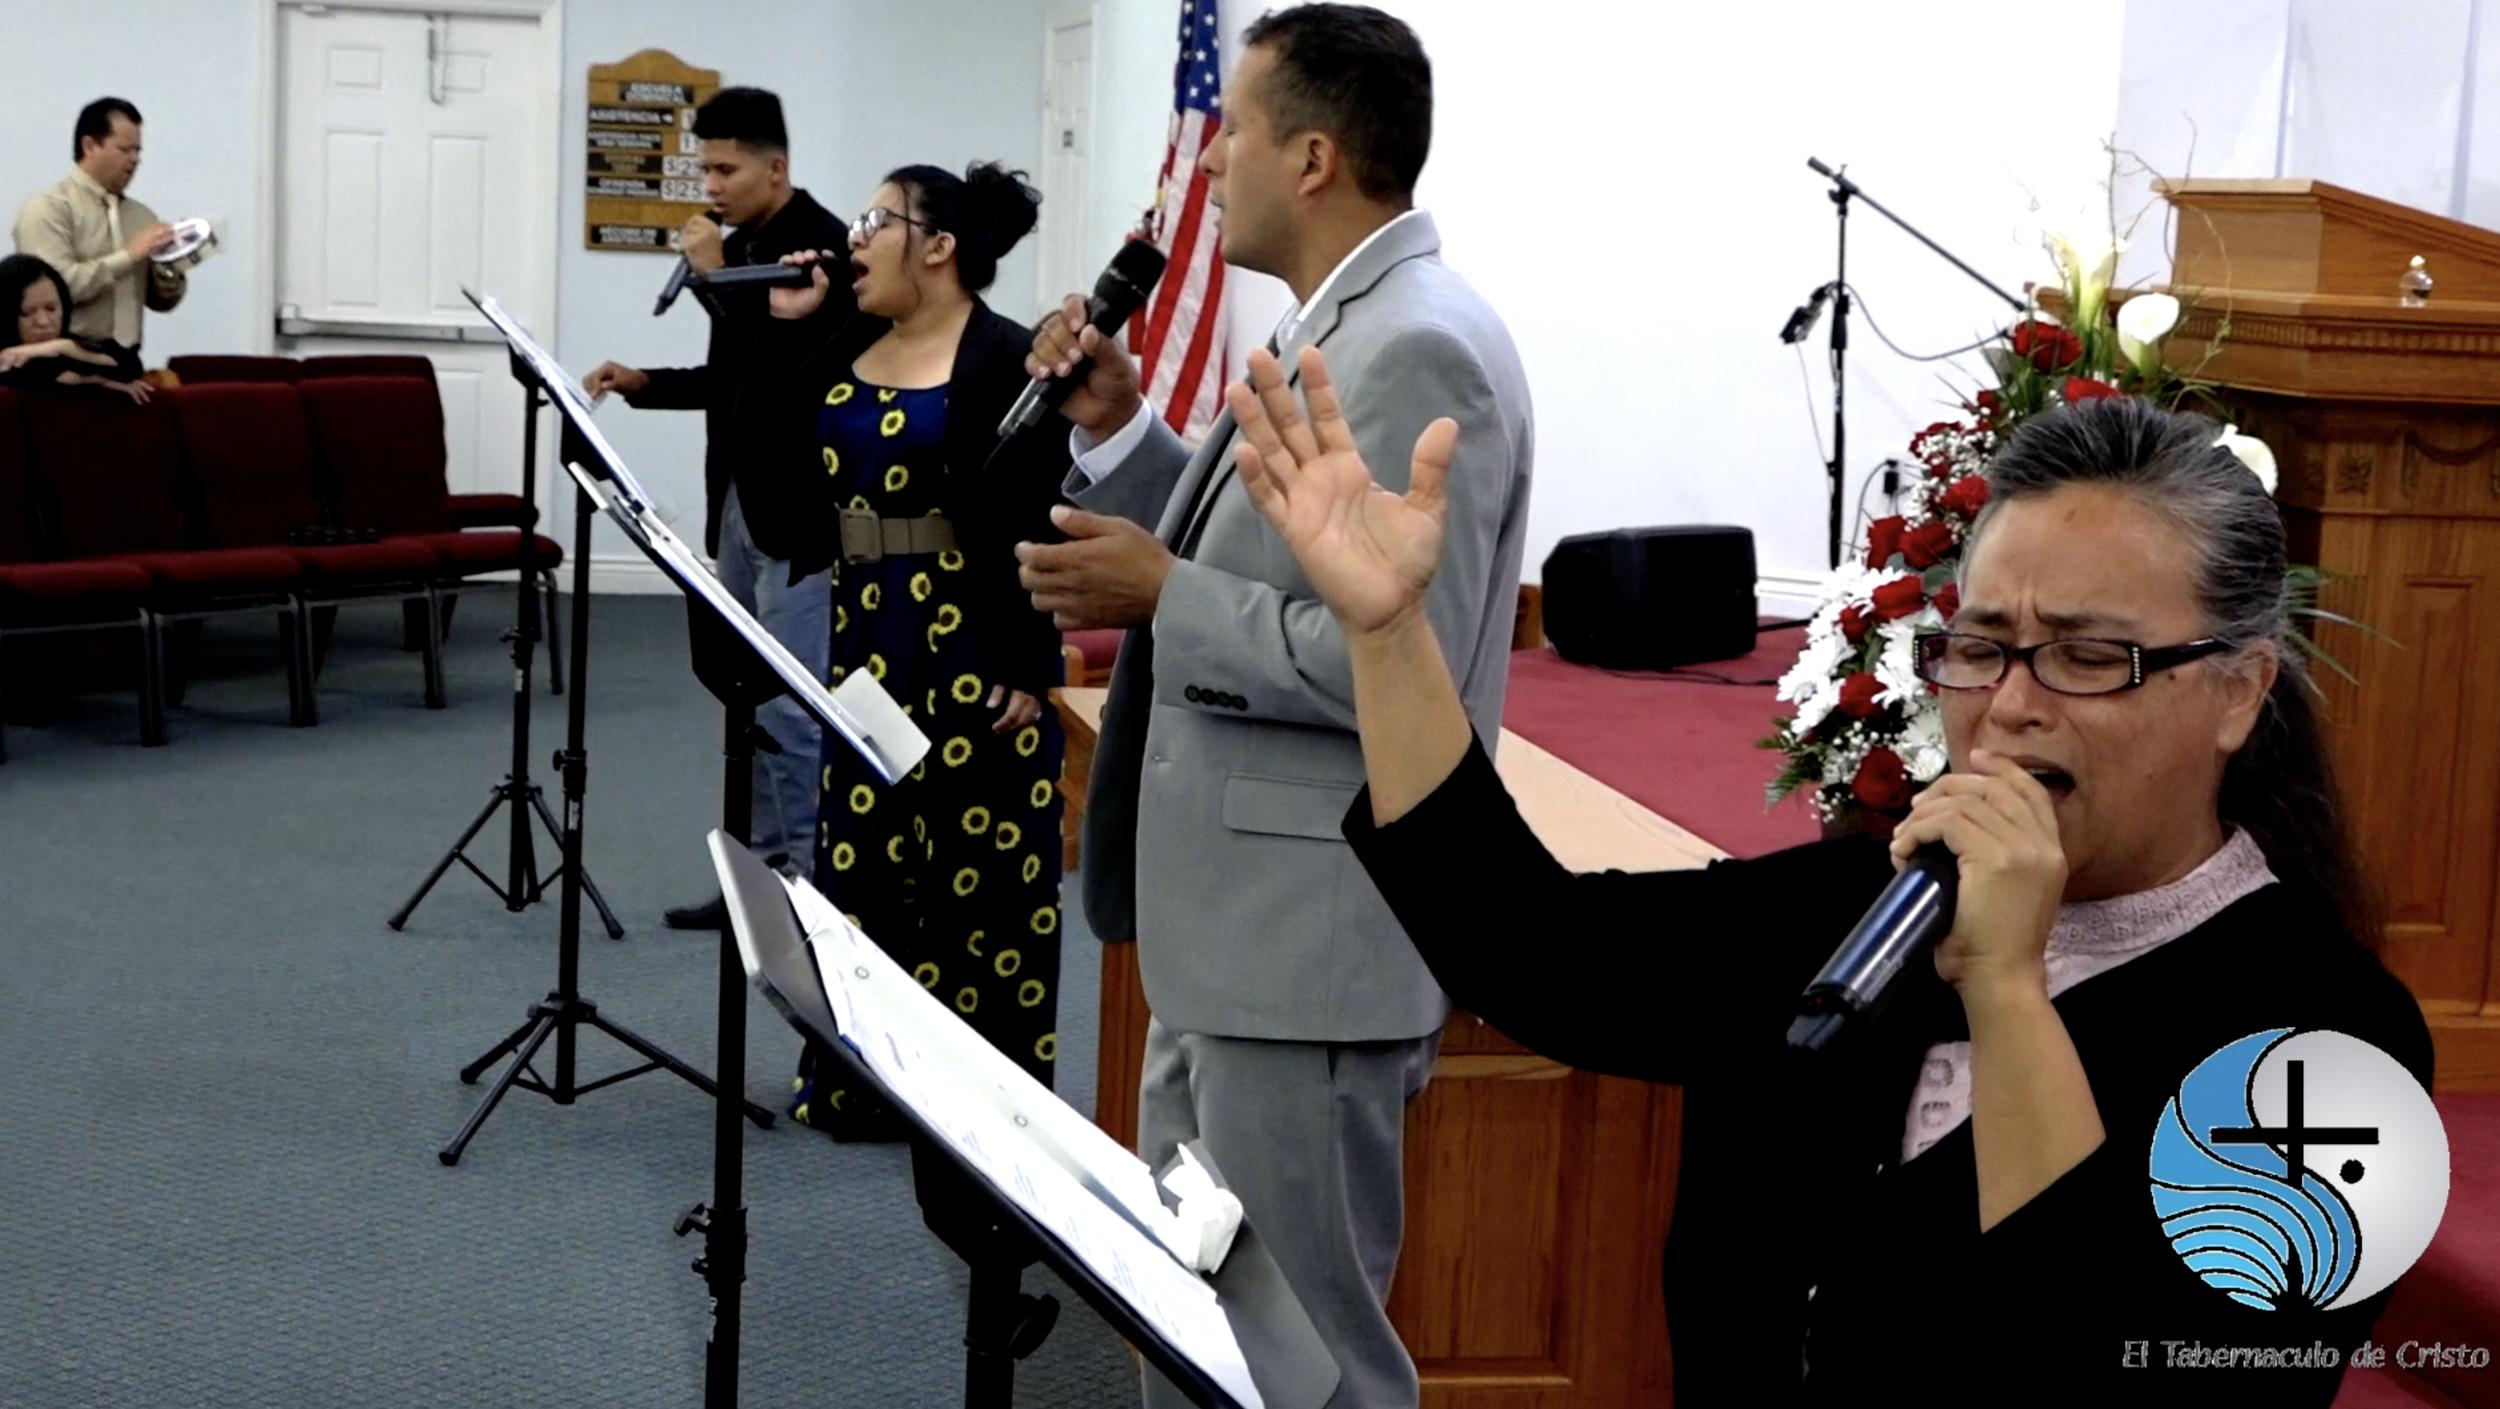 El Tabernaculo de Cristo - Grupo de Adoracion